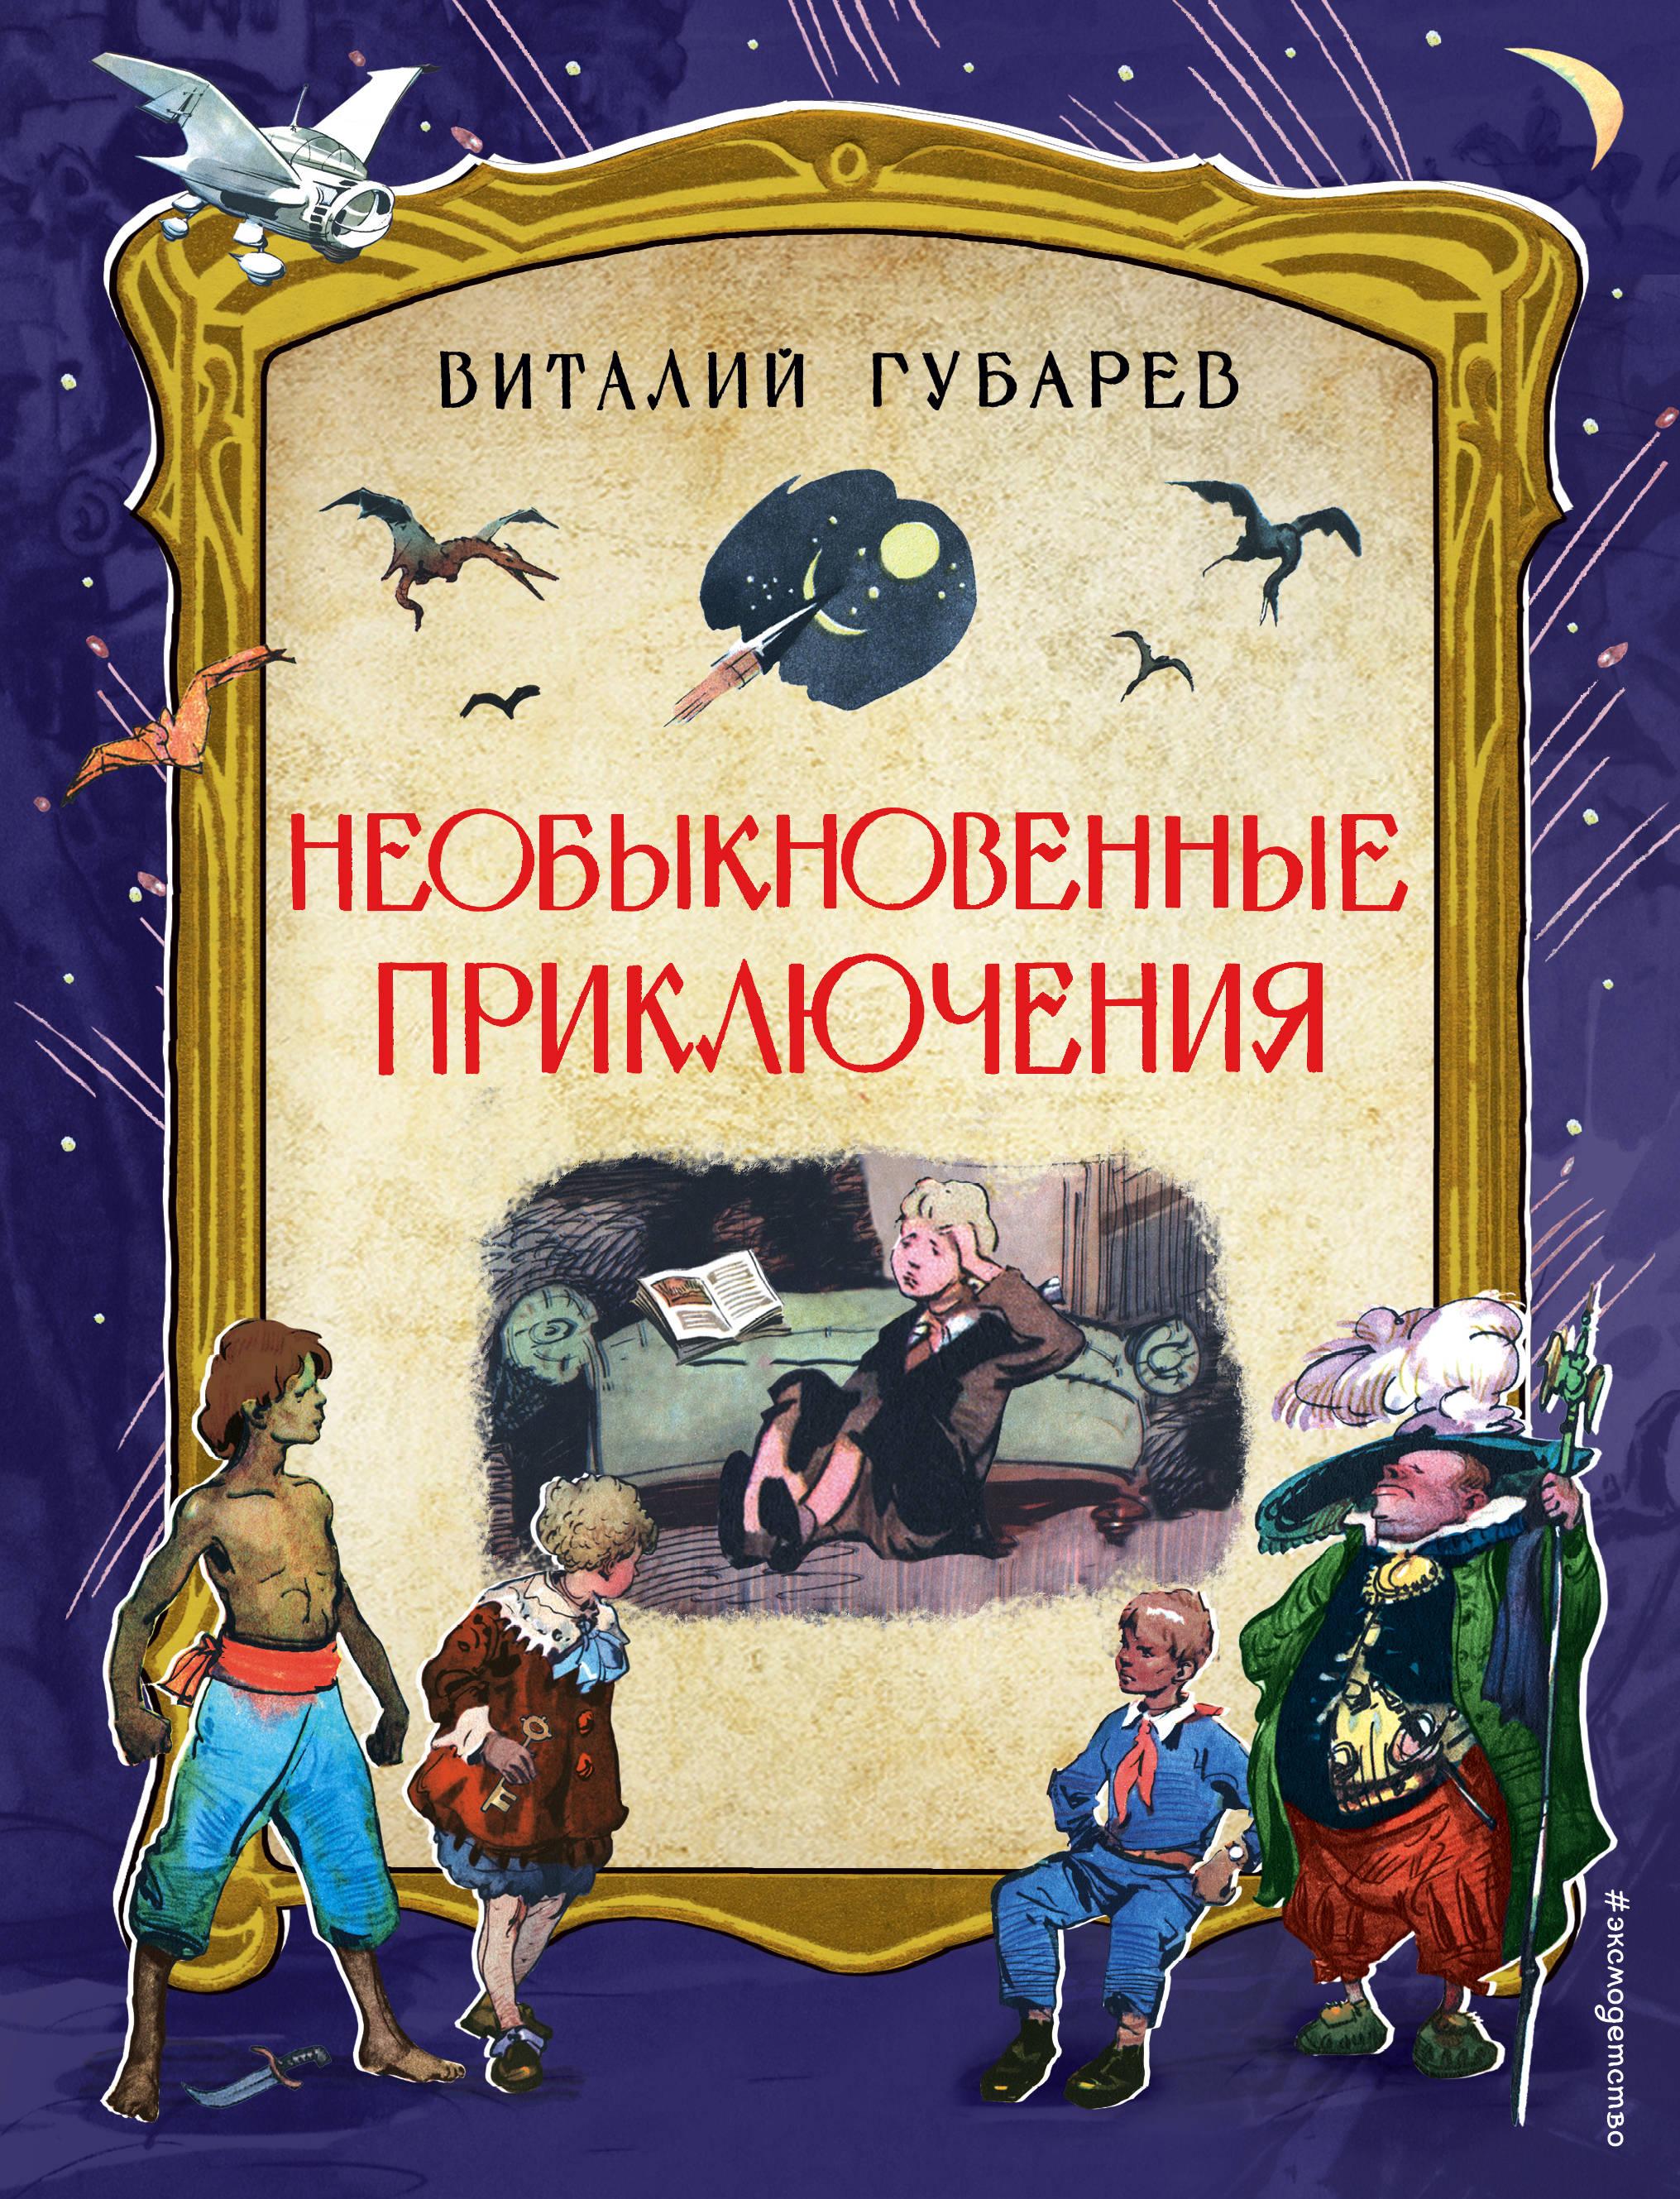 Необыкновенные приключения (ил. И. Ушакова)